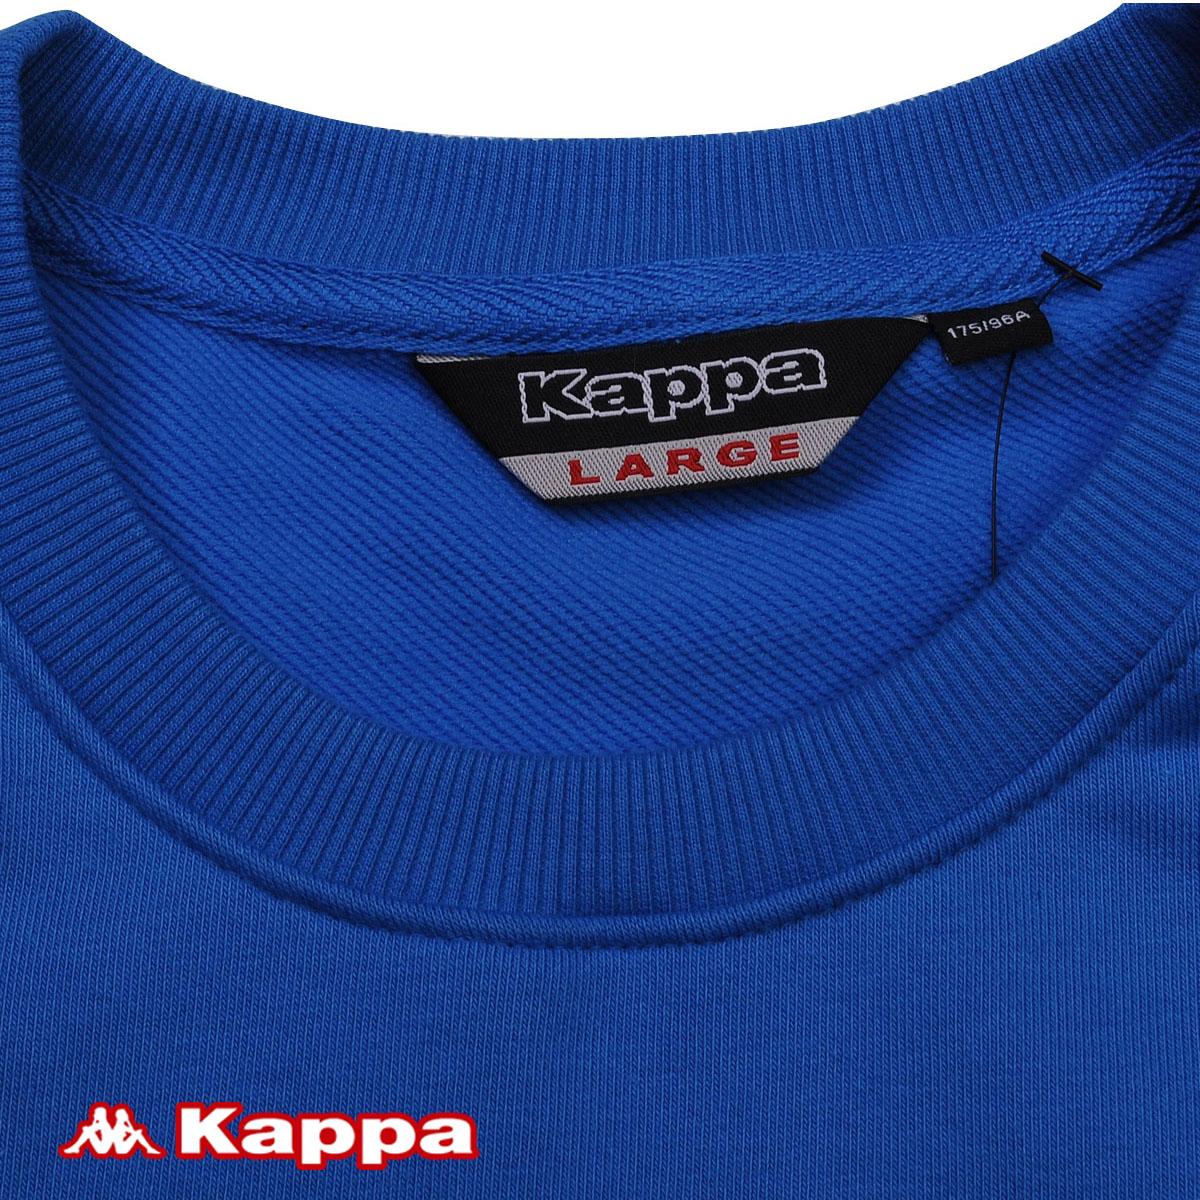 Спортивная толстовка Kappa k2104wt523/858 K2104WT523-858 Для мужчин Пуловер Зима 2010